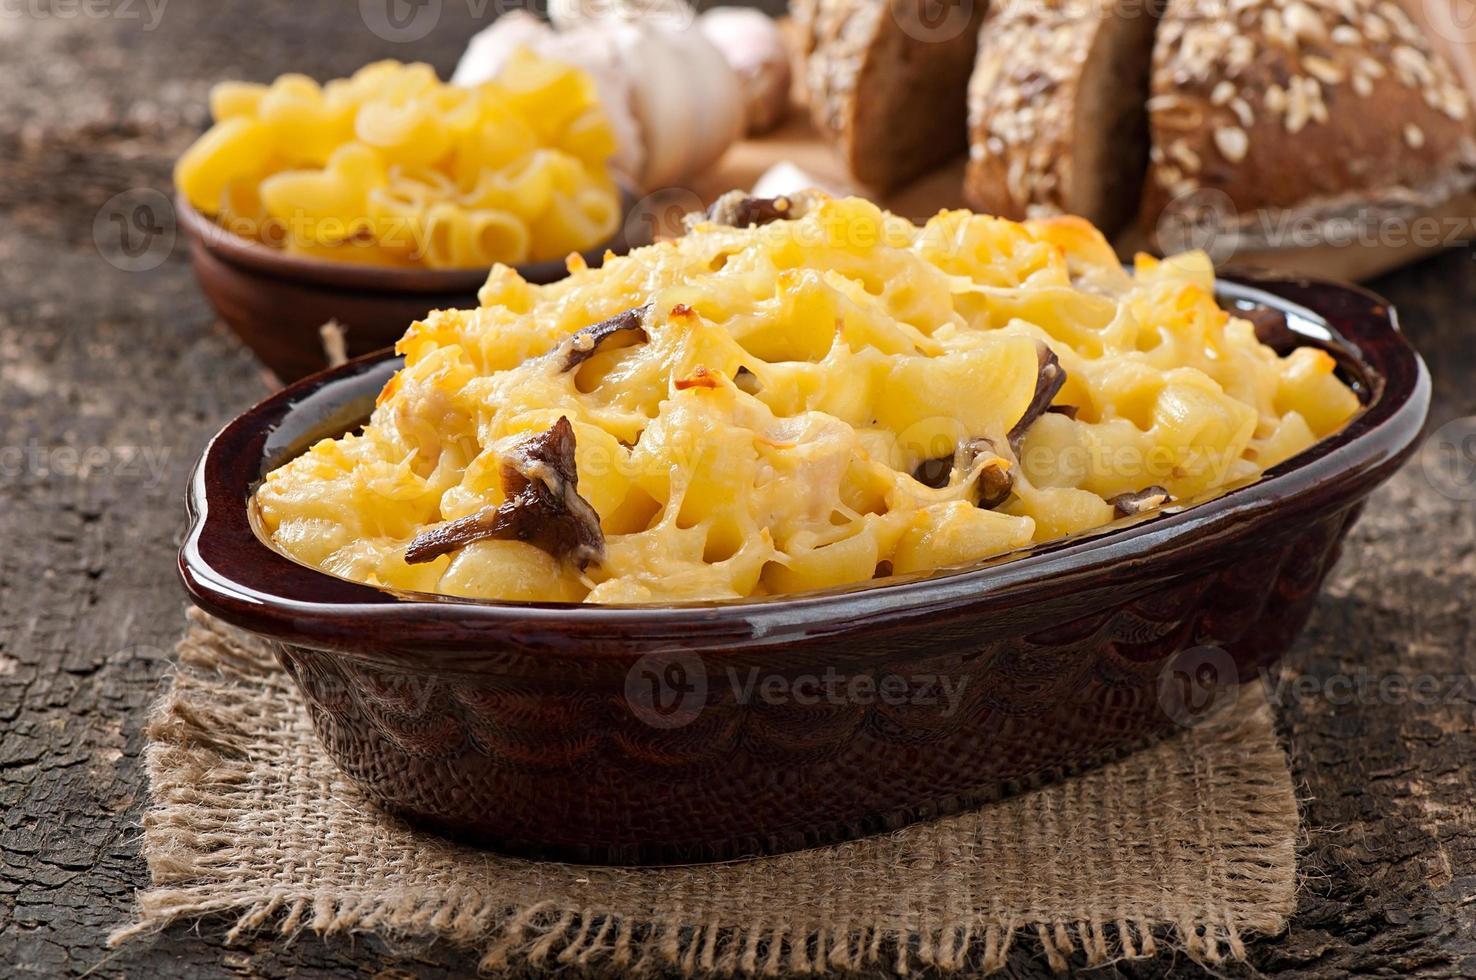 macarrones con queso, pollo y champiñones al horno foto